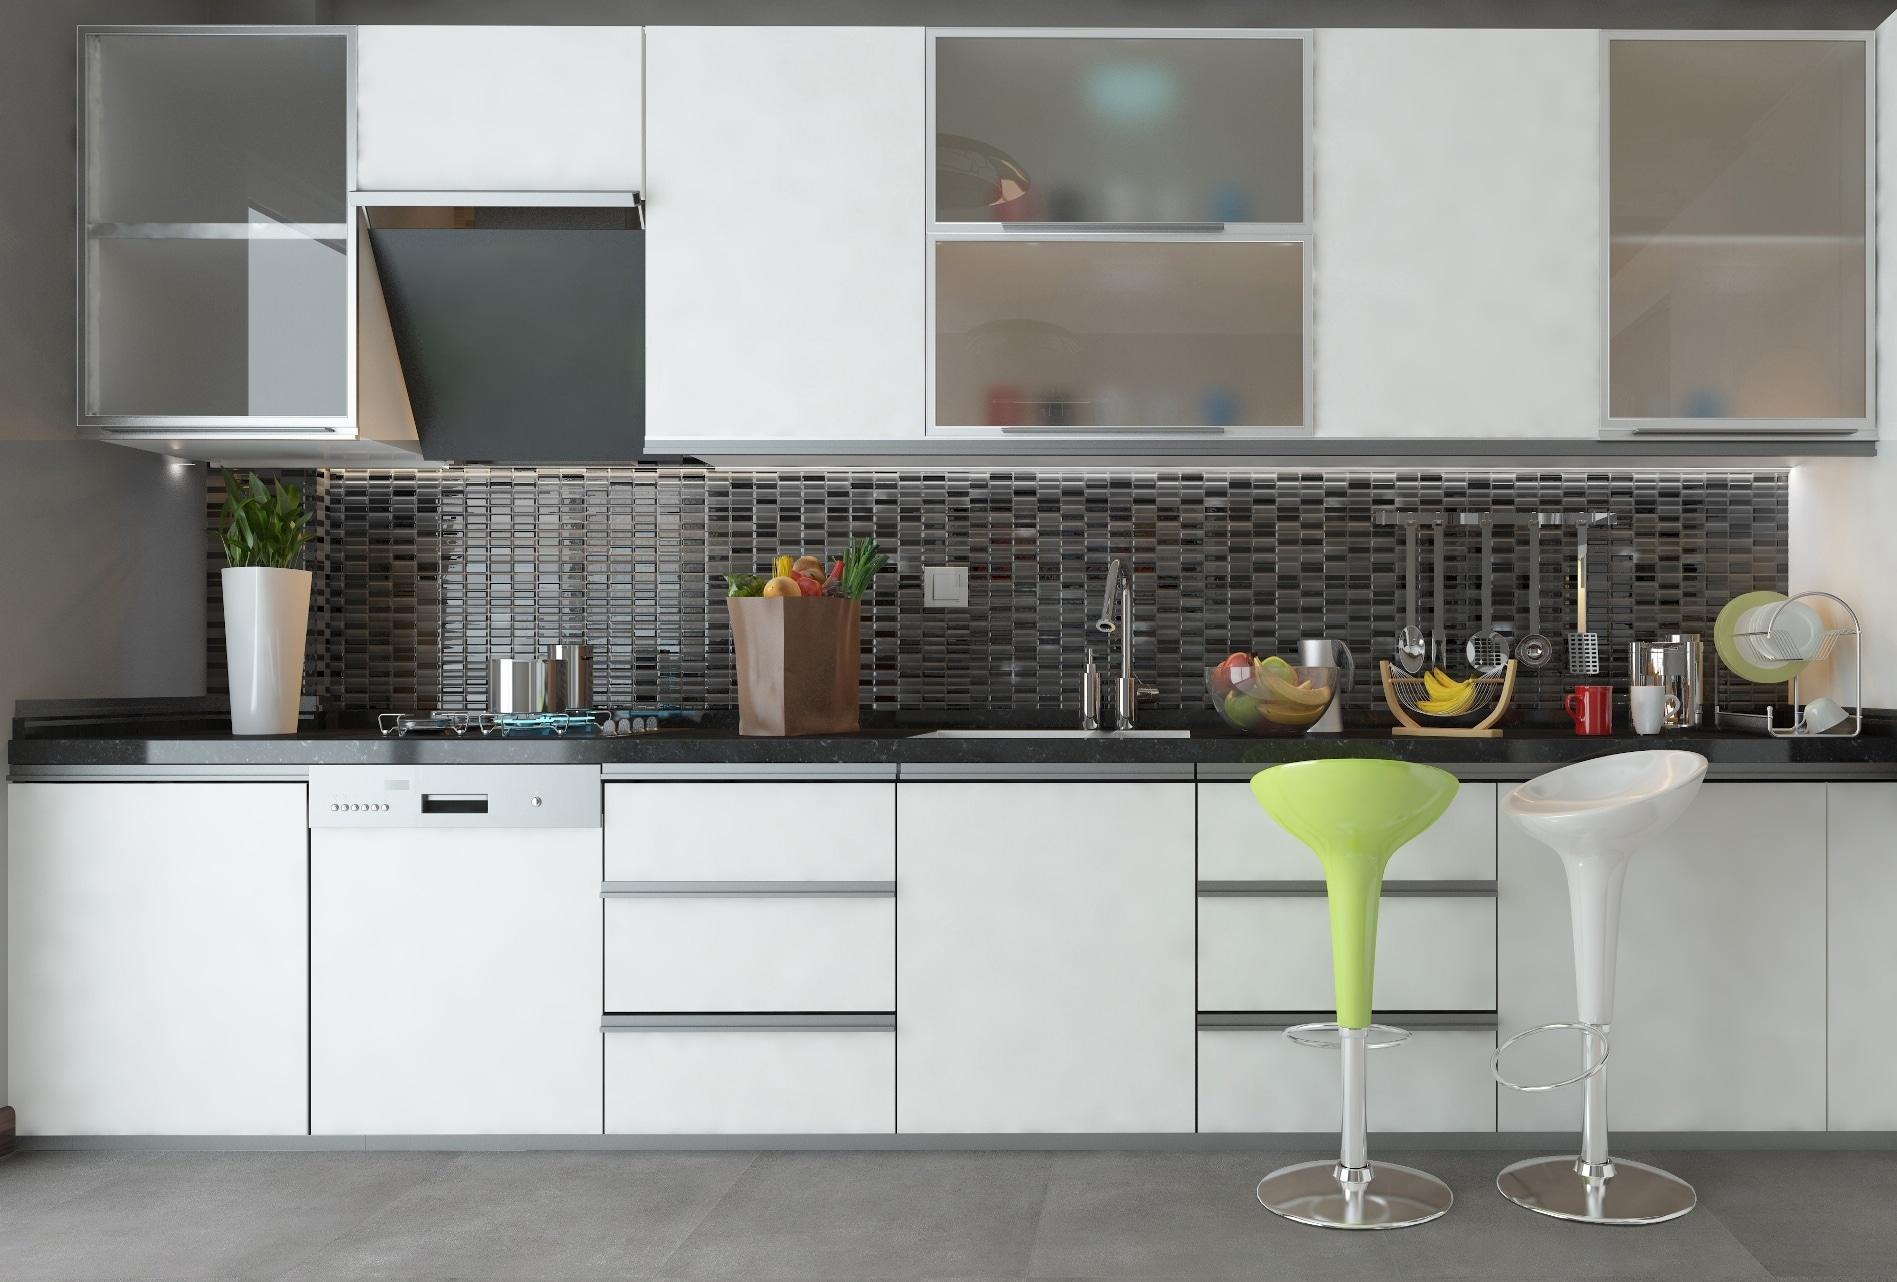 Tipps und Tricks für kleine Küchen - Franke Raumwert